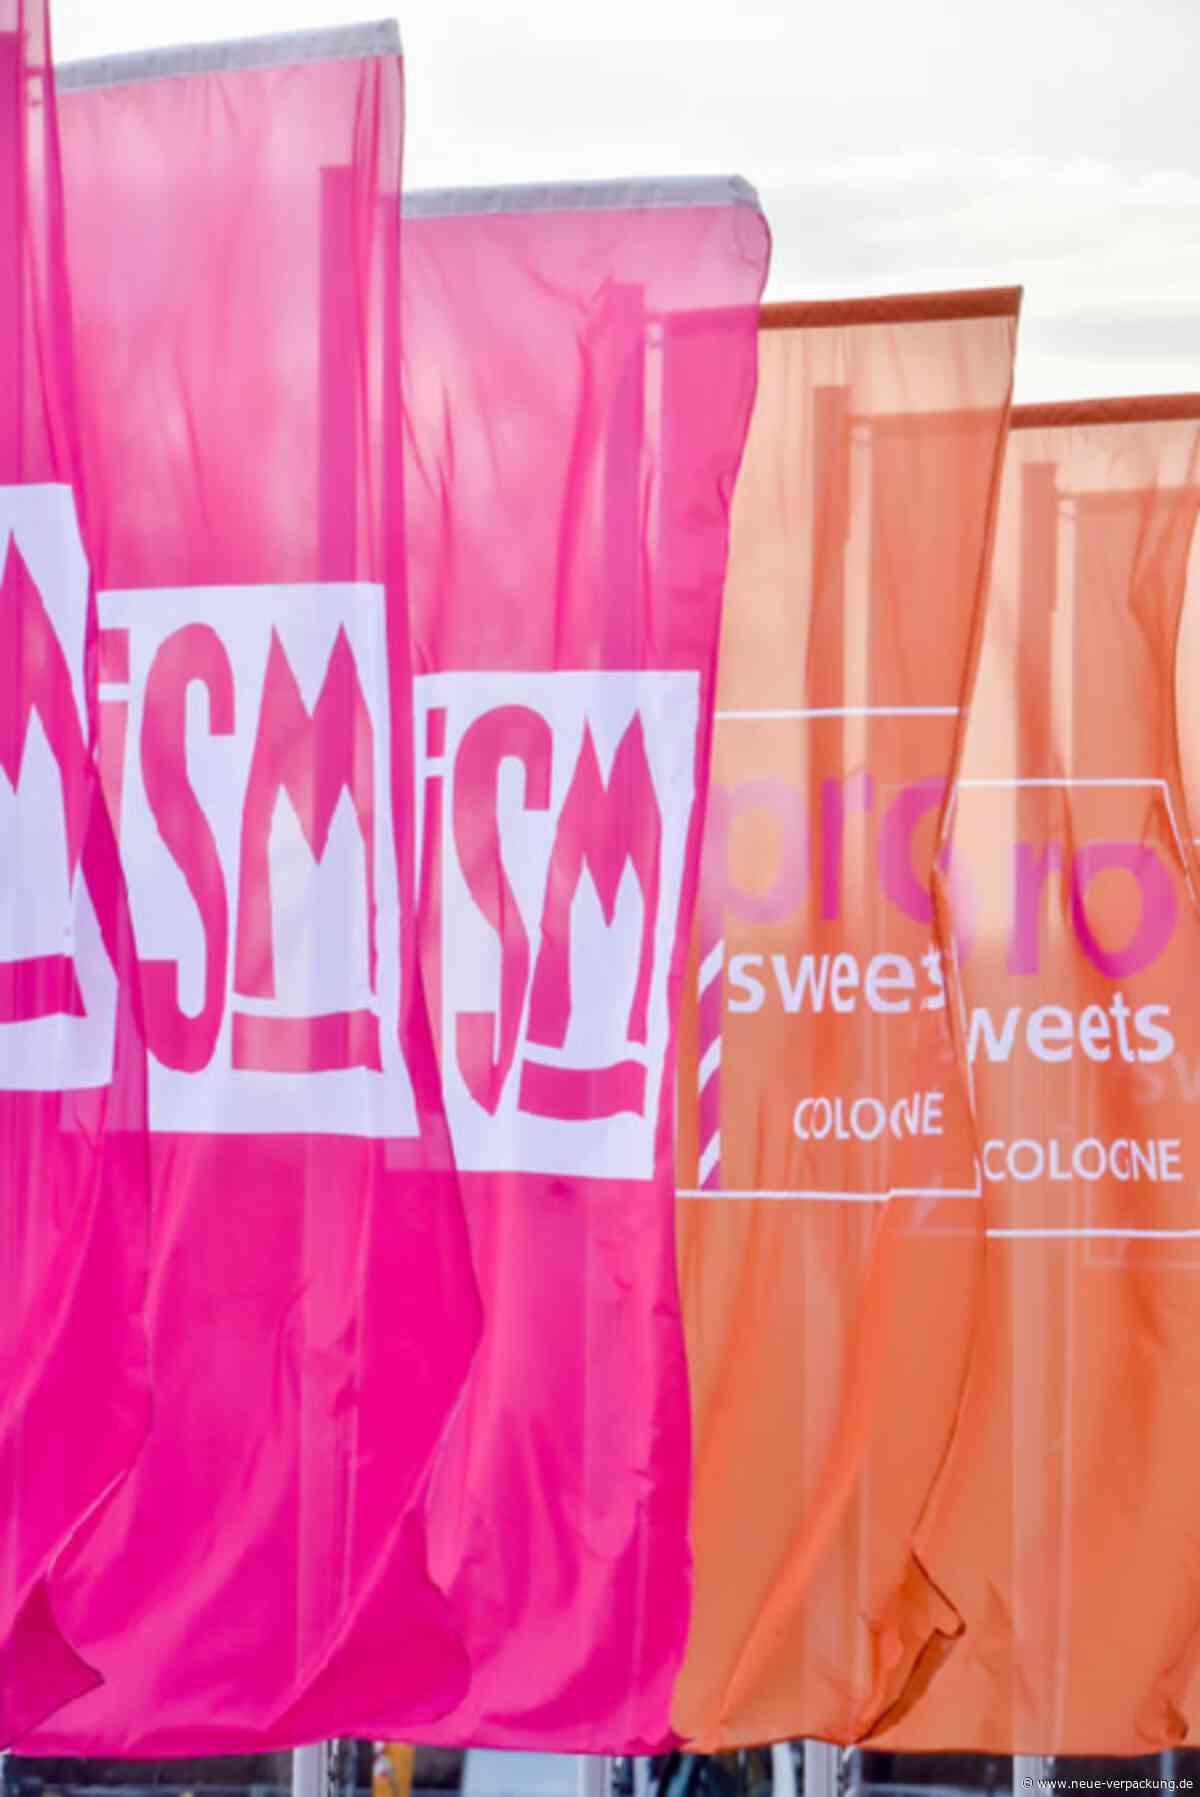 Gute Vorzeichen für die Pro Sweets Cologne 2022 nach Frühbucherphase - neue verpackung - neue verpackung